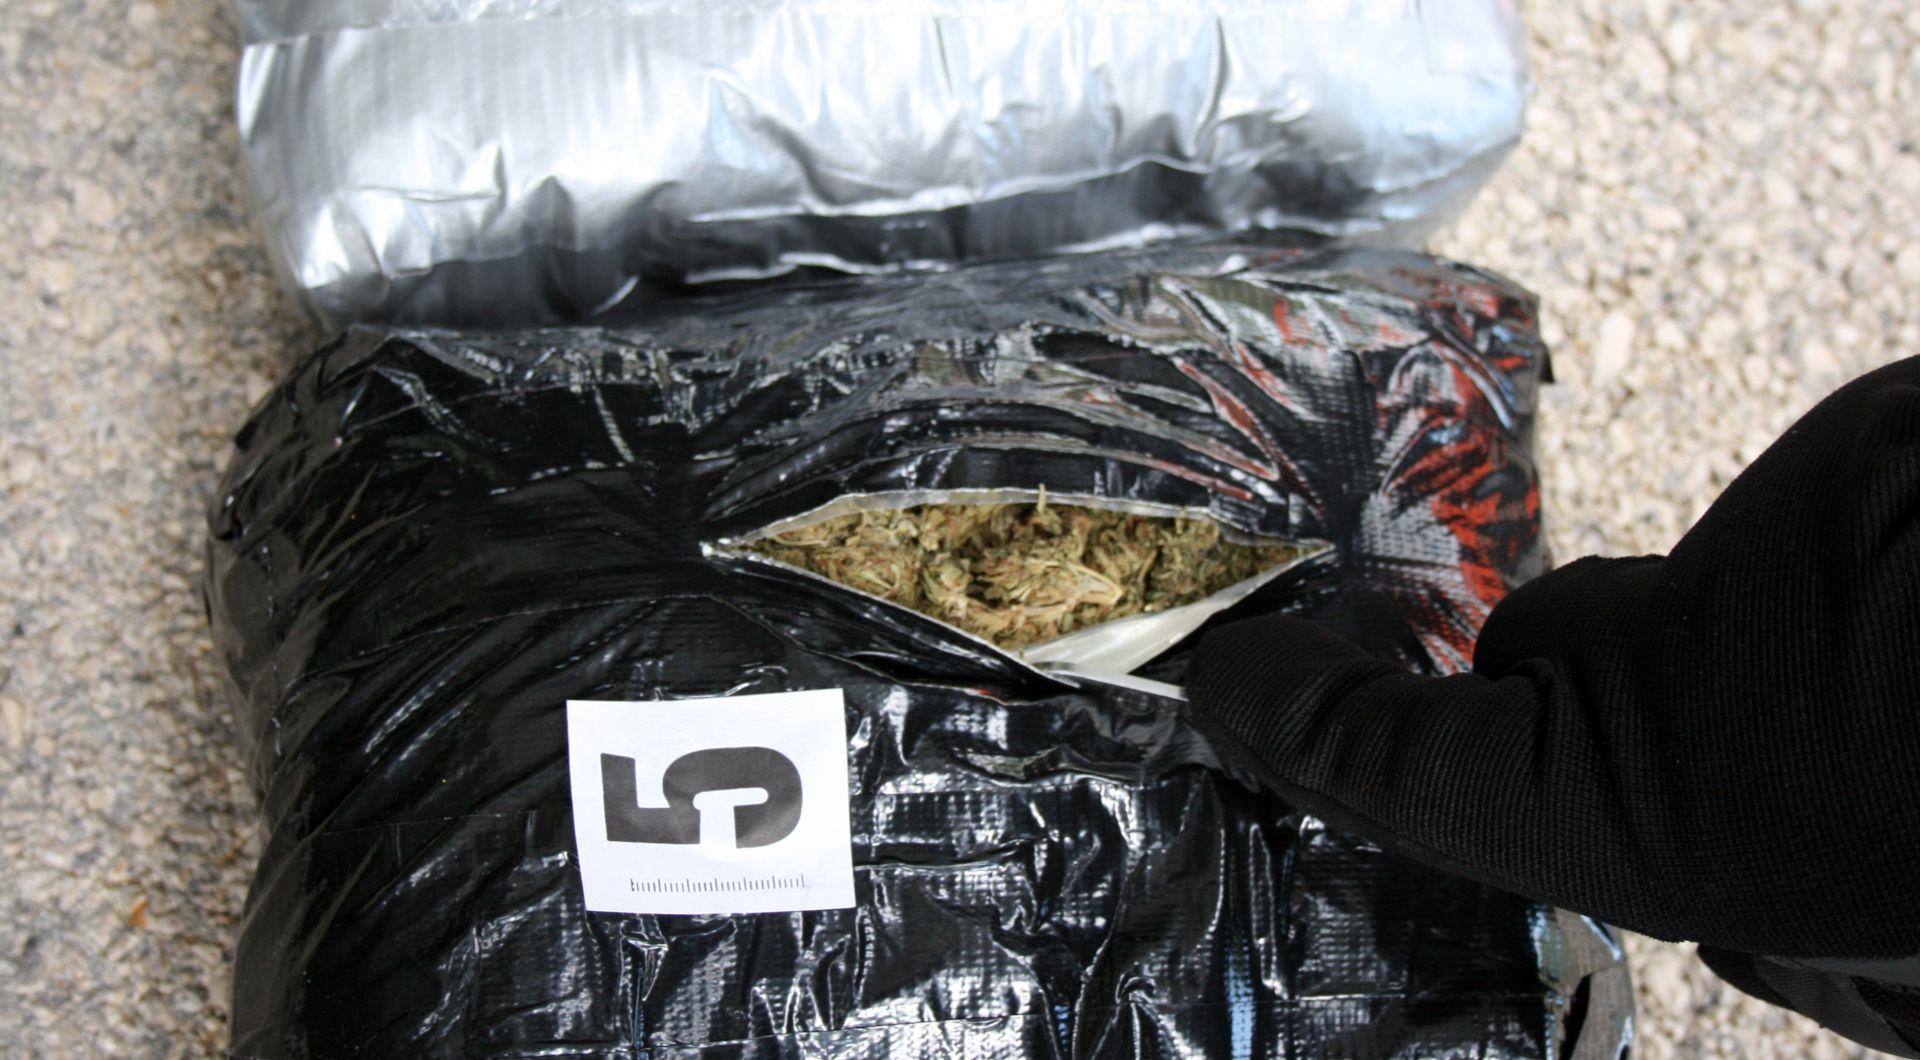 Policija na graničnom prijelazu Nova sela zaplijenila više od 15 kilograma marihuane